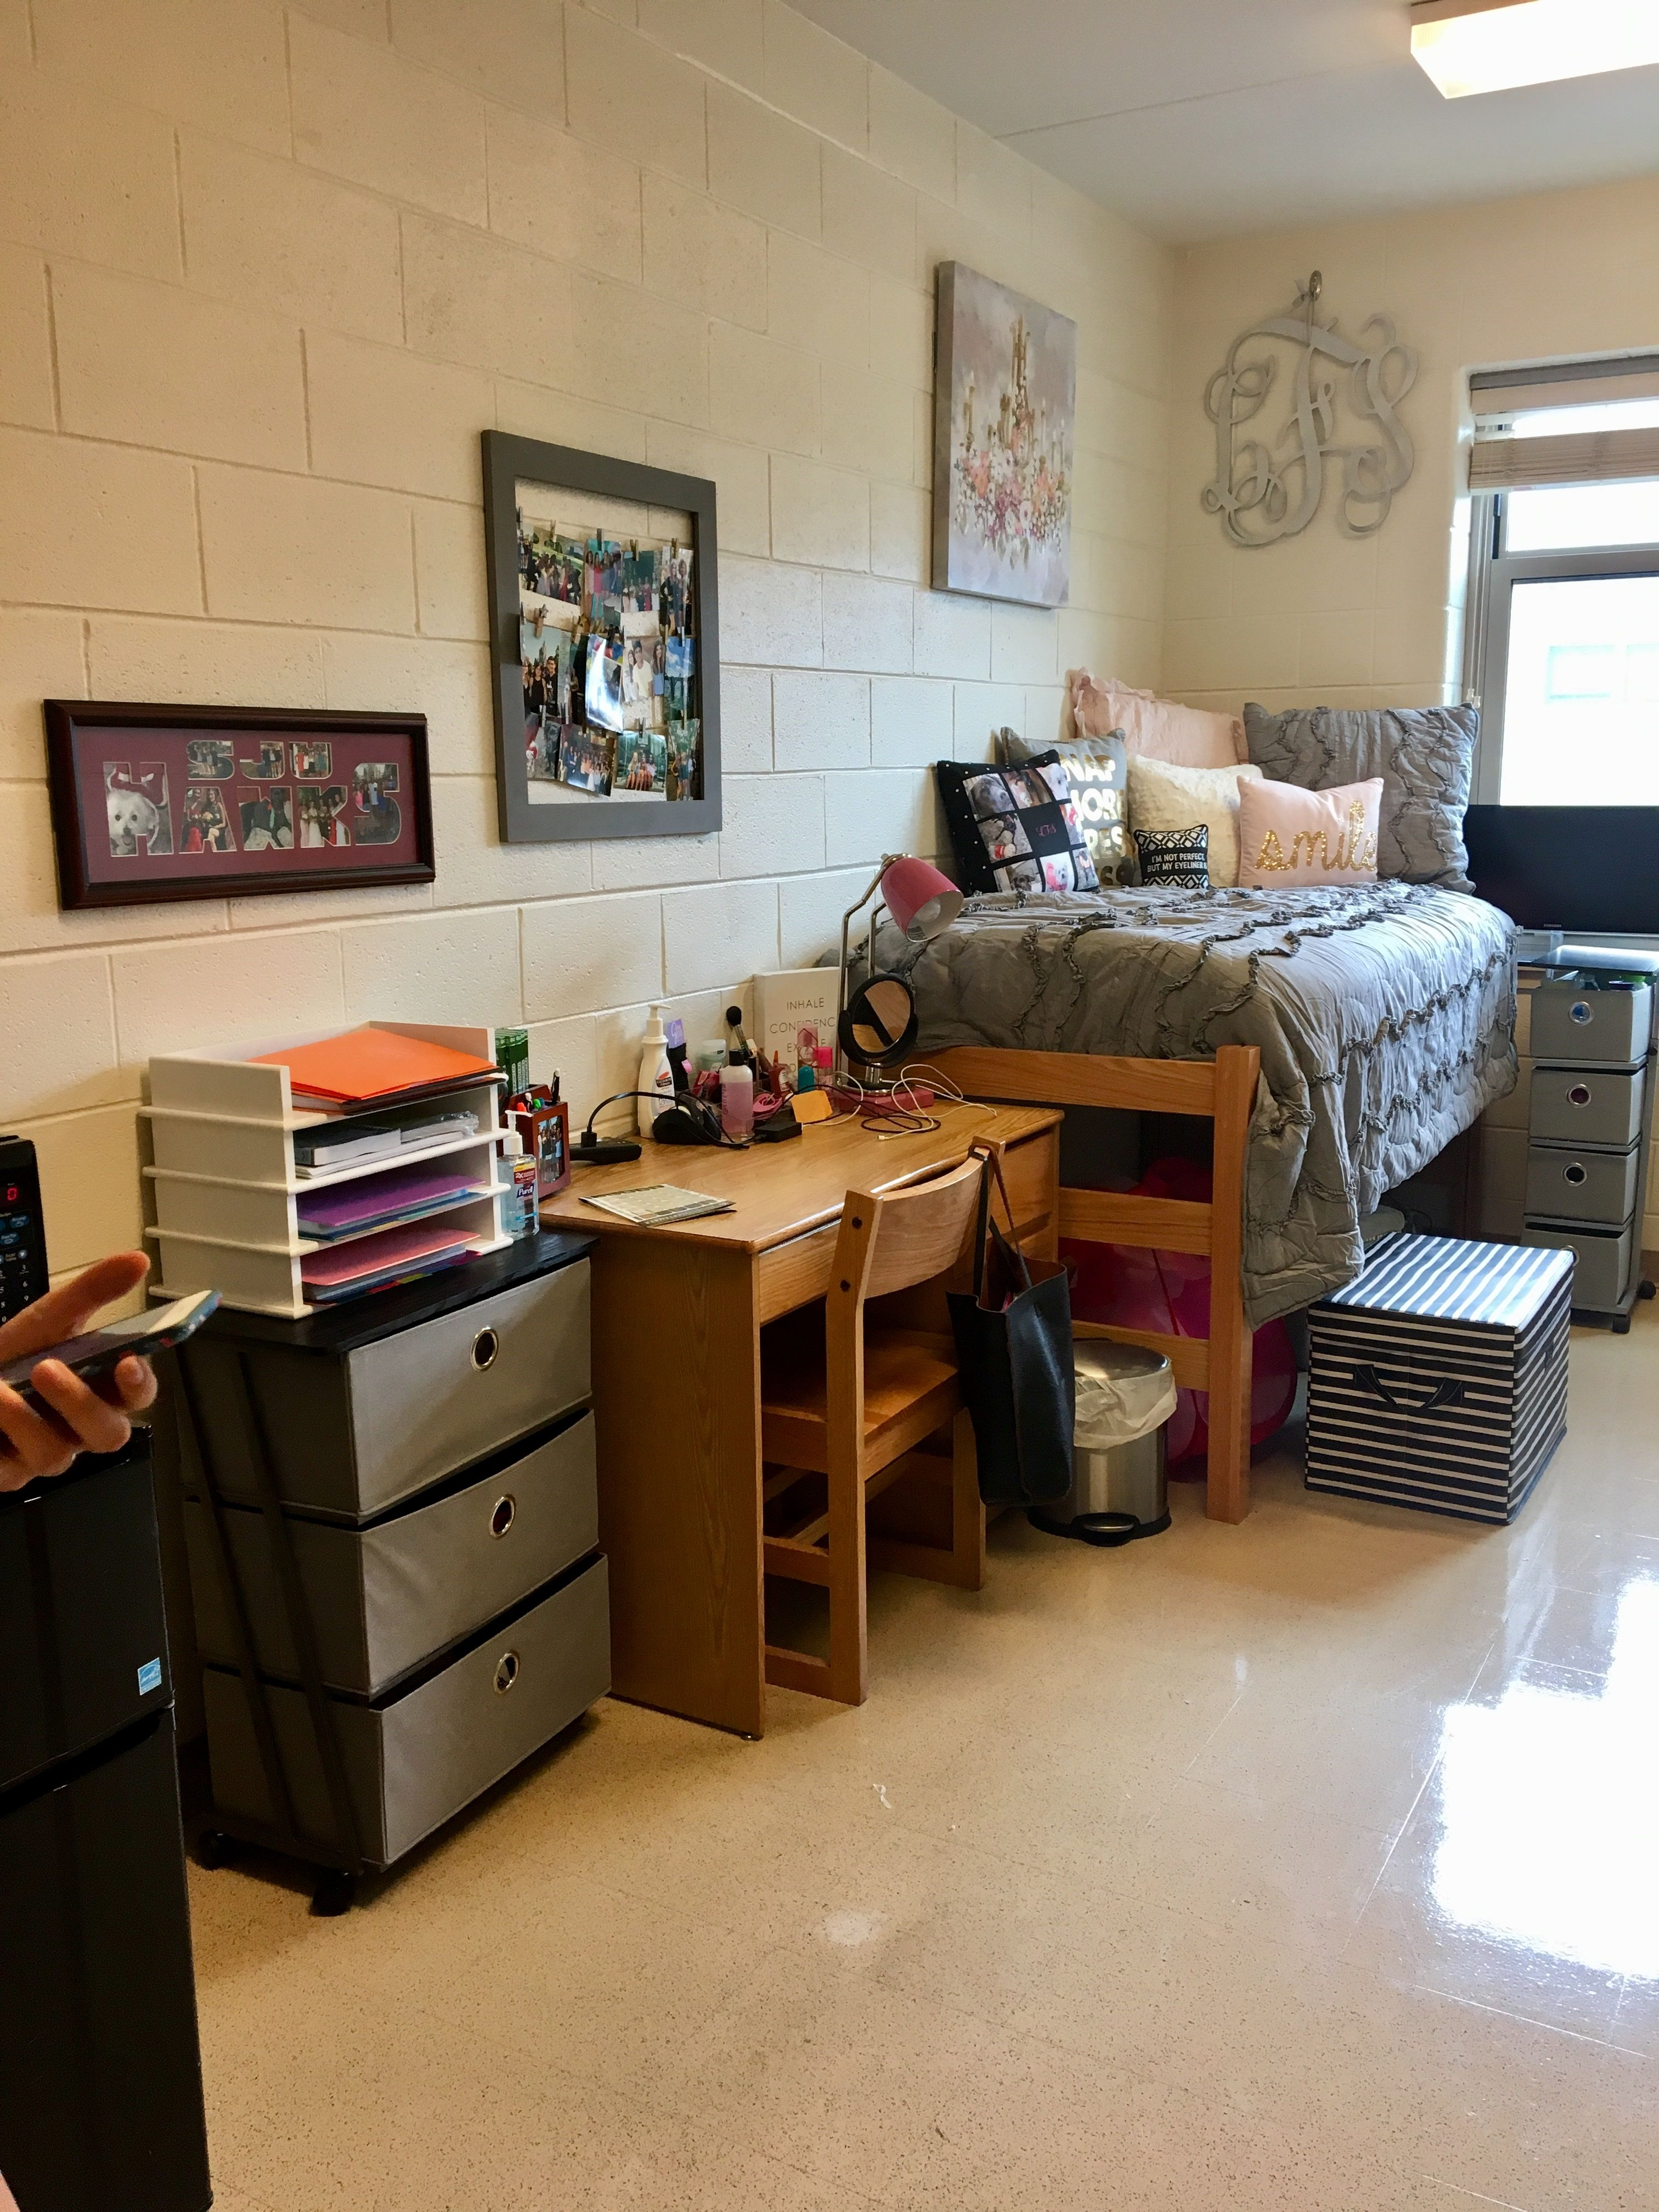 xavier university dorms on sju villiger dorm university dorms dorm college dorm sju villiger dorm university dorms